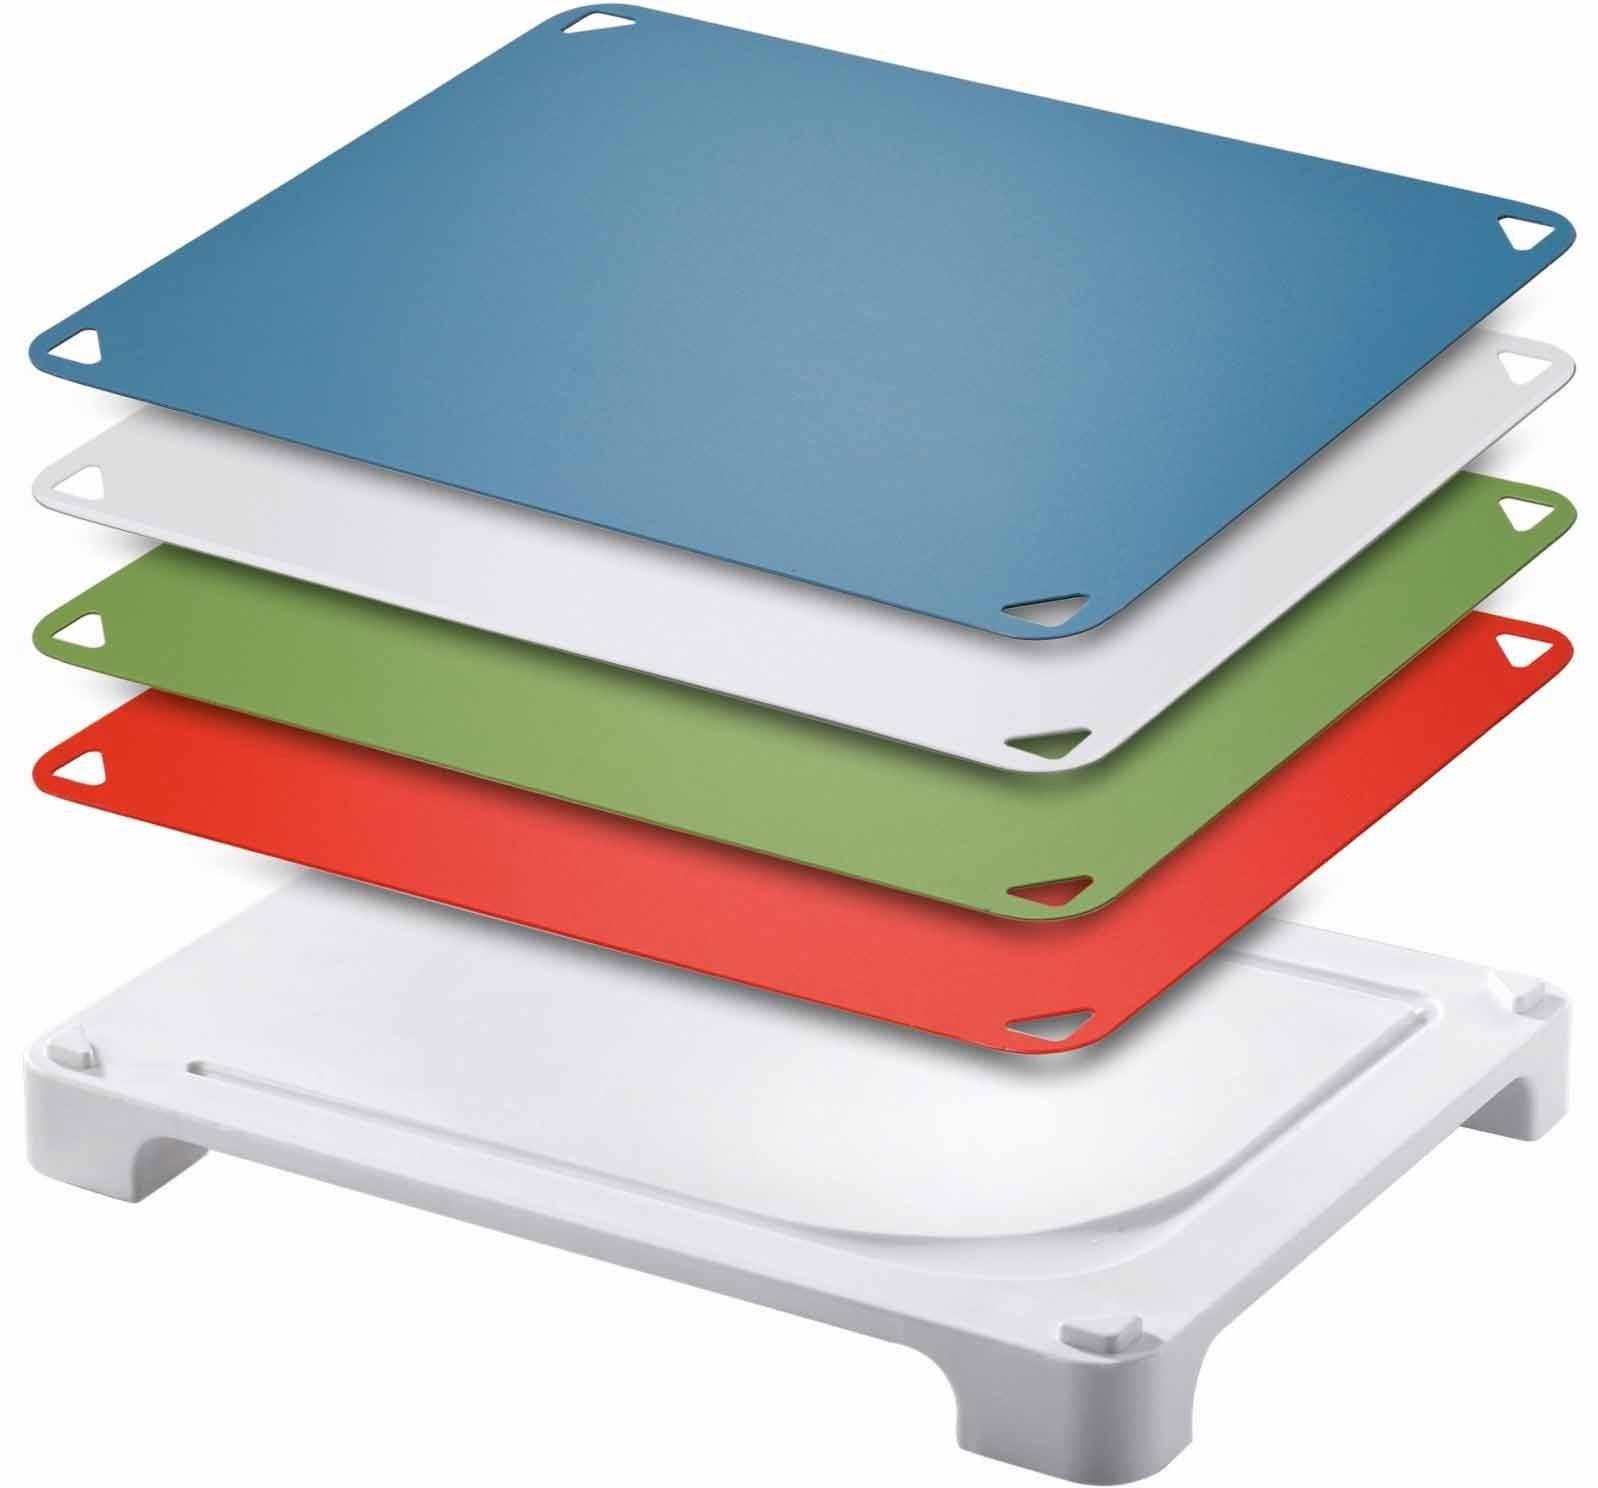 Leifheit Schneidbrett, mit 4 auswechselbaren Schneidauflagen, »Vario Board«